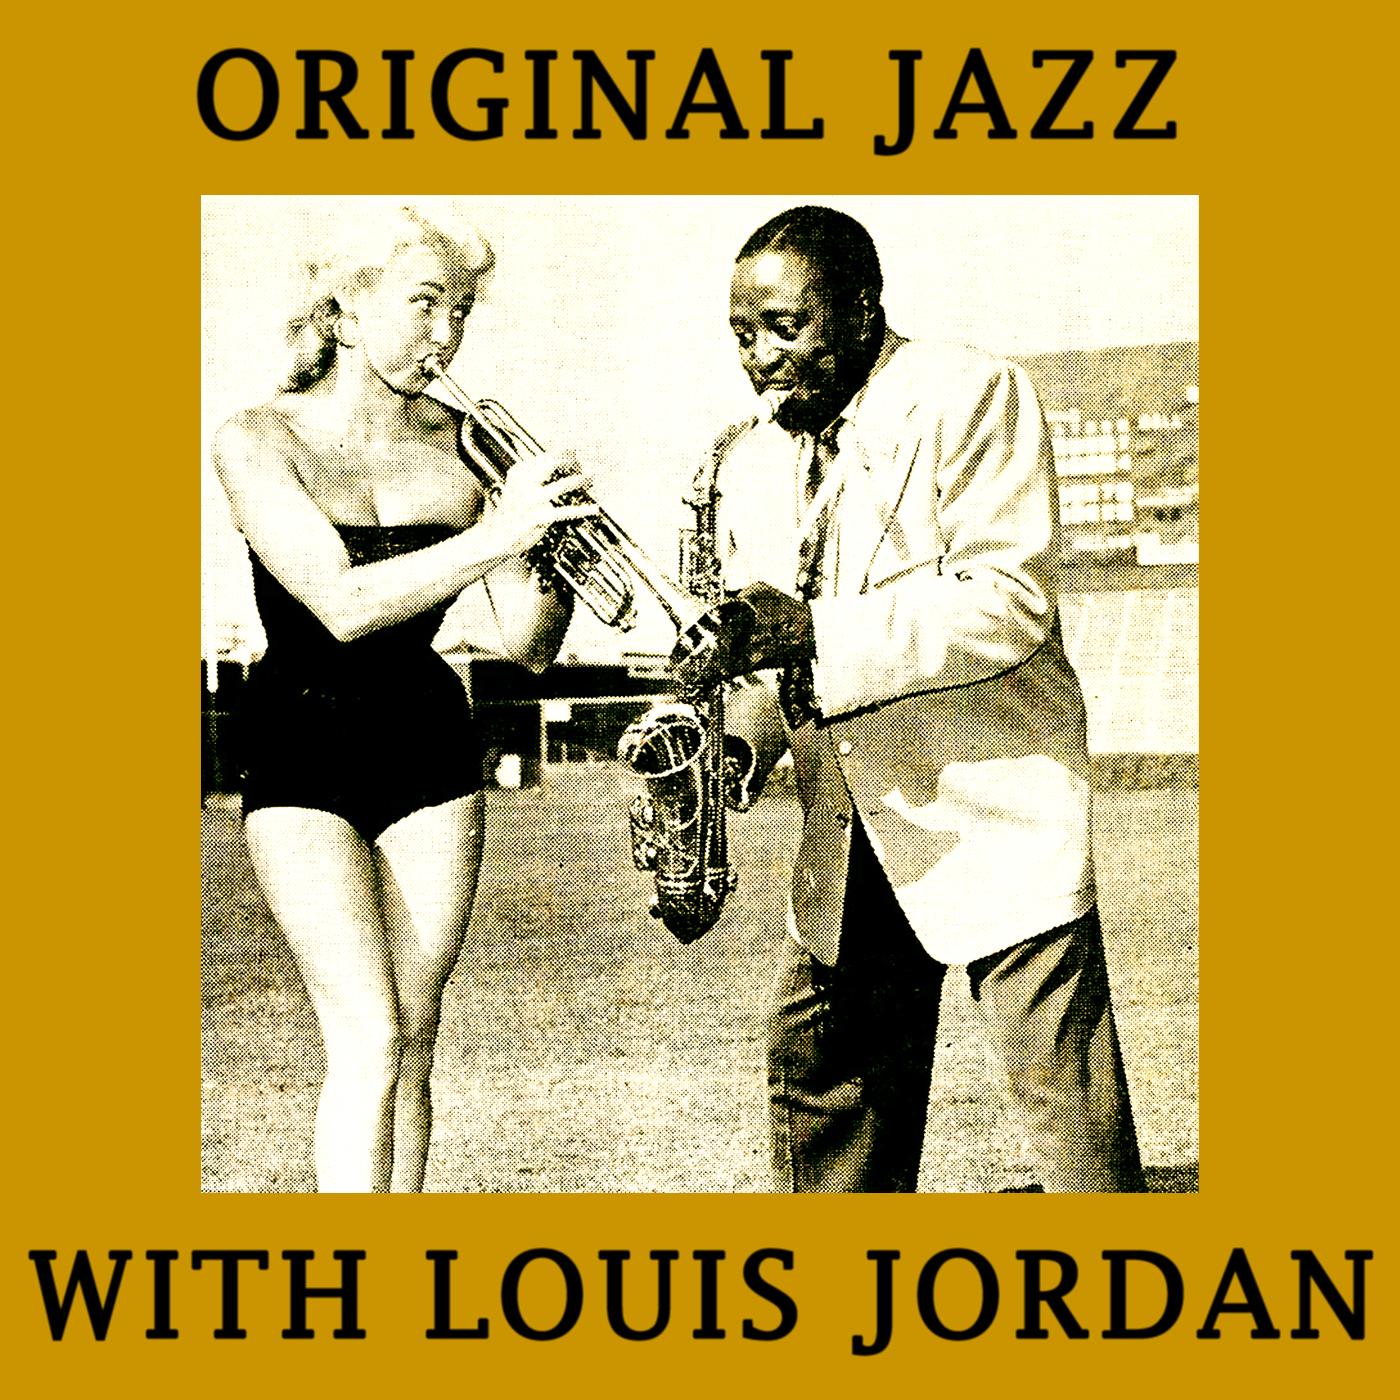 Original Jazz with louis Jordan